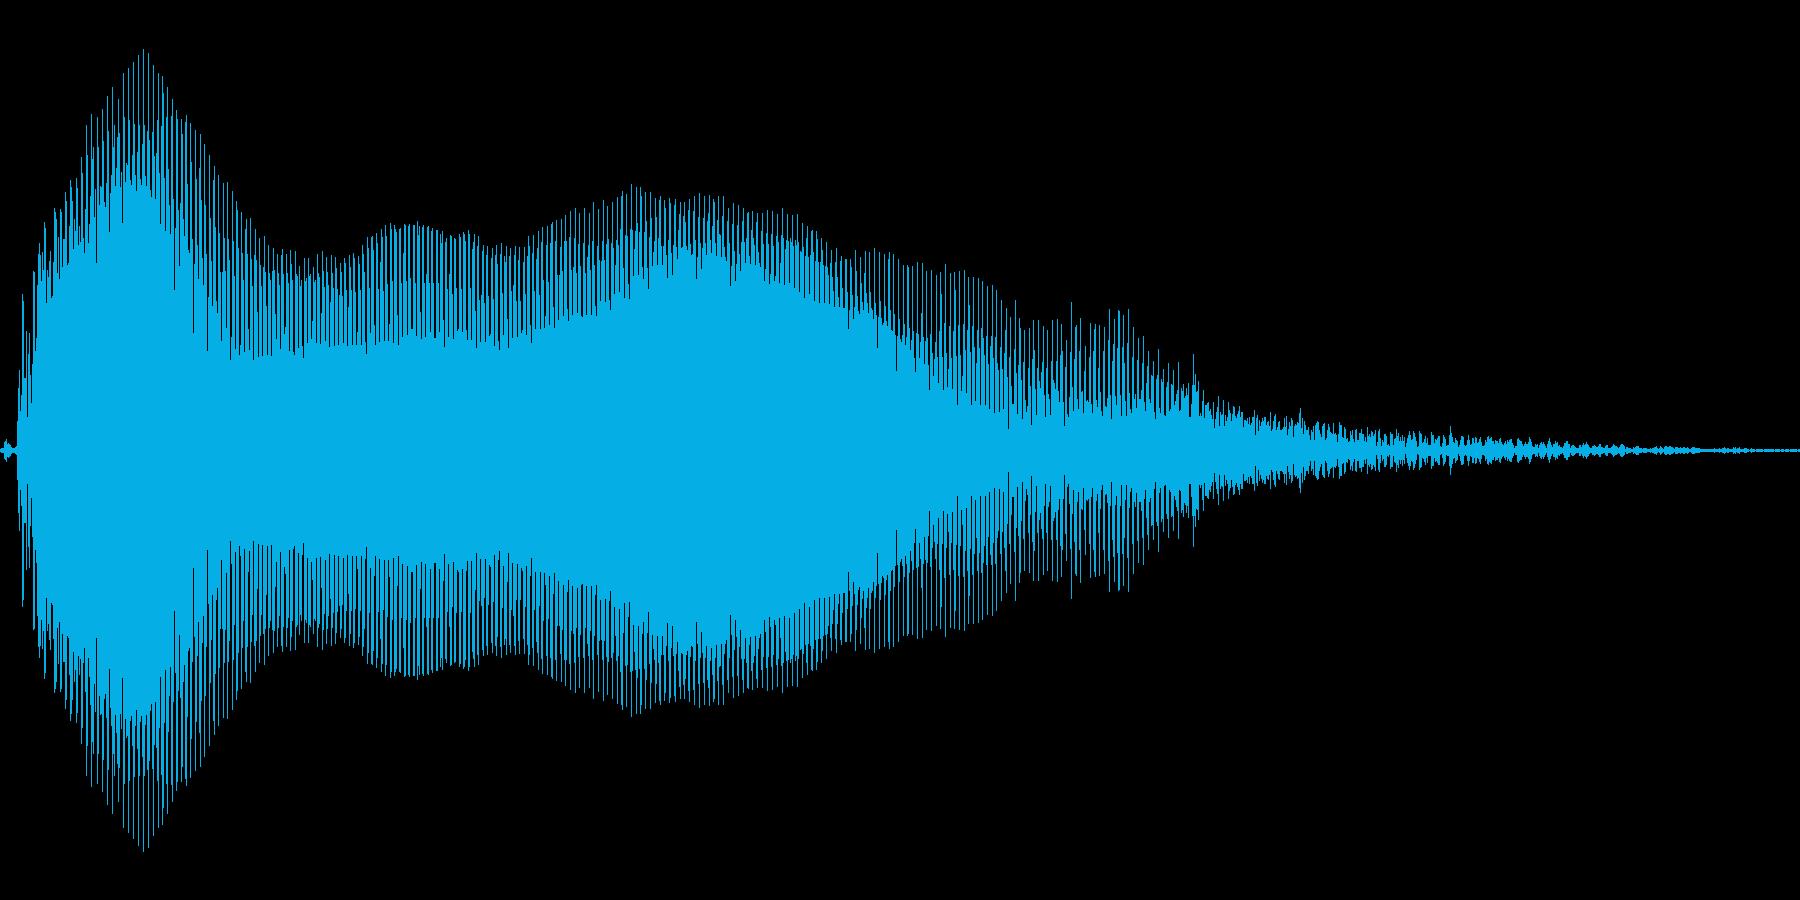 あああ!【子供のダメージボイス、悲鳴】の再生済みの波形